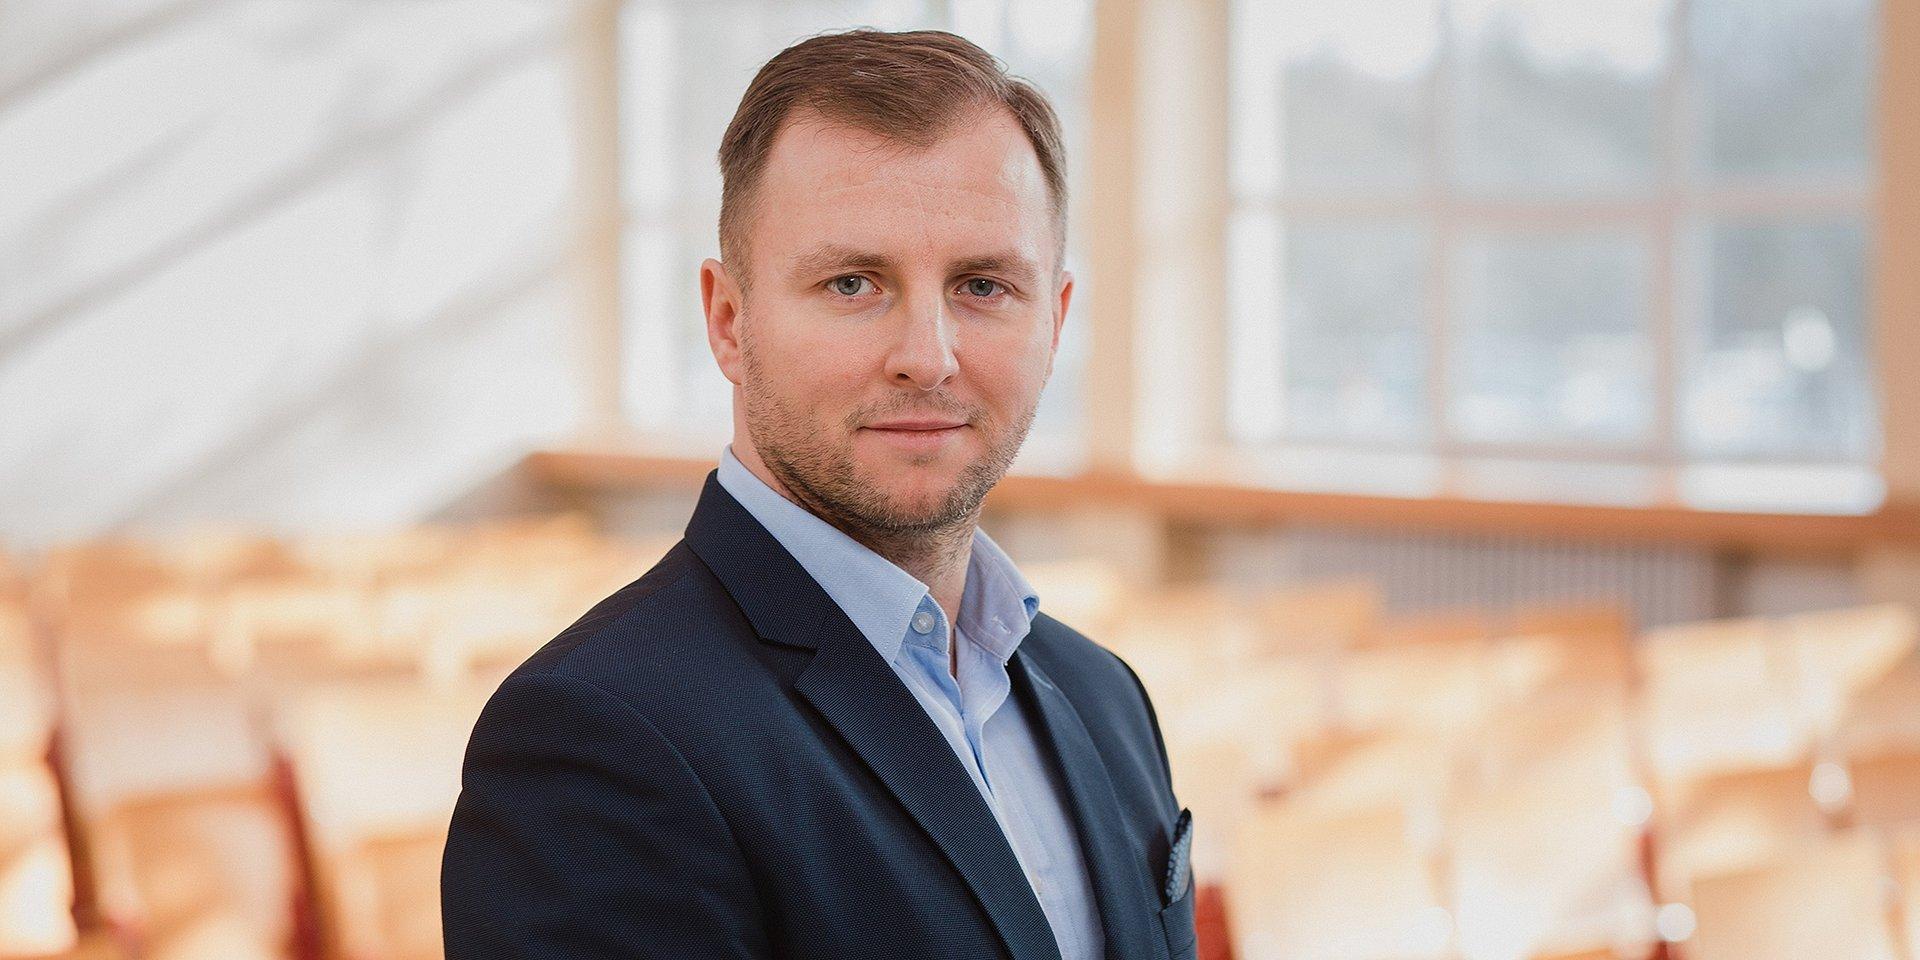 bezpieczeństwo: dr Grzegorz Mathea